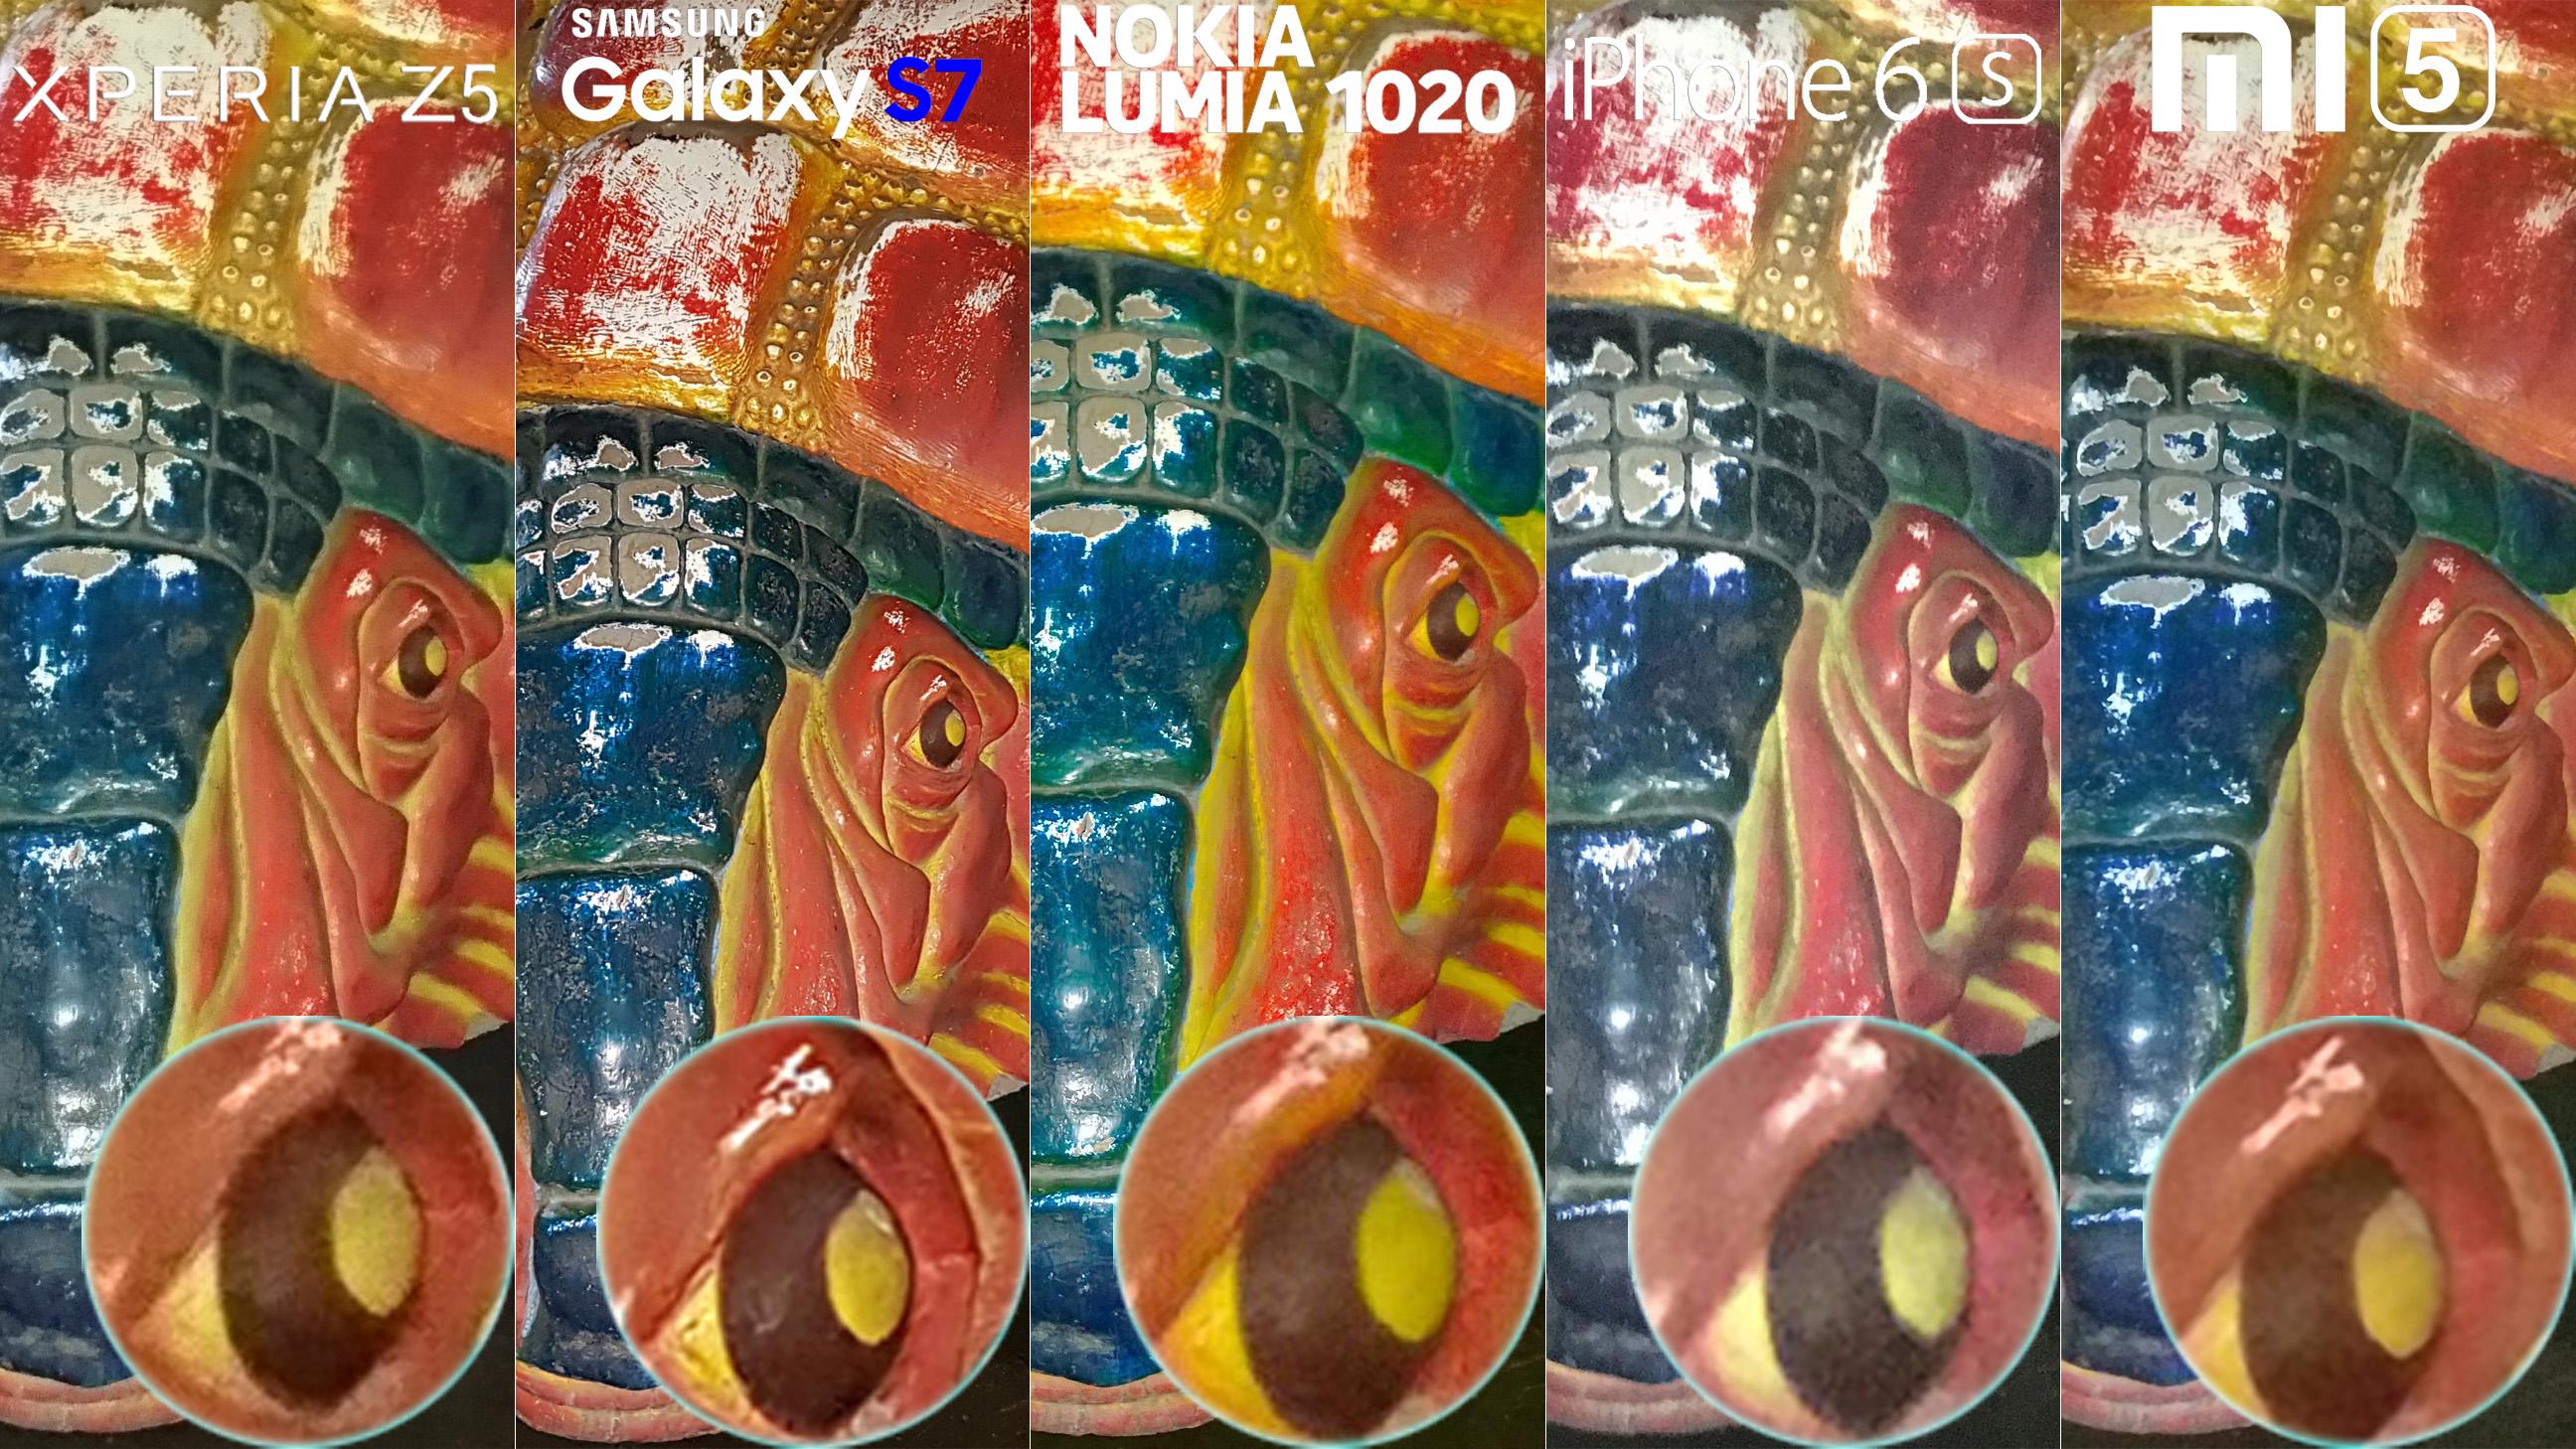 Galaxy S7 Xperia Z5 Lumia 1020 iphone 6s Xiaomi Mi 5 Camera Review Comaprison 11